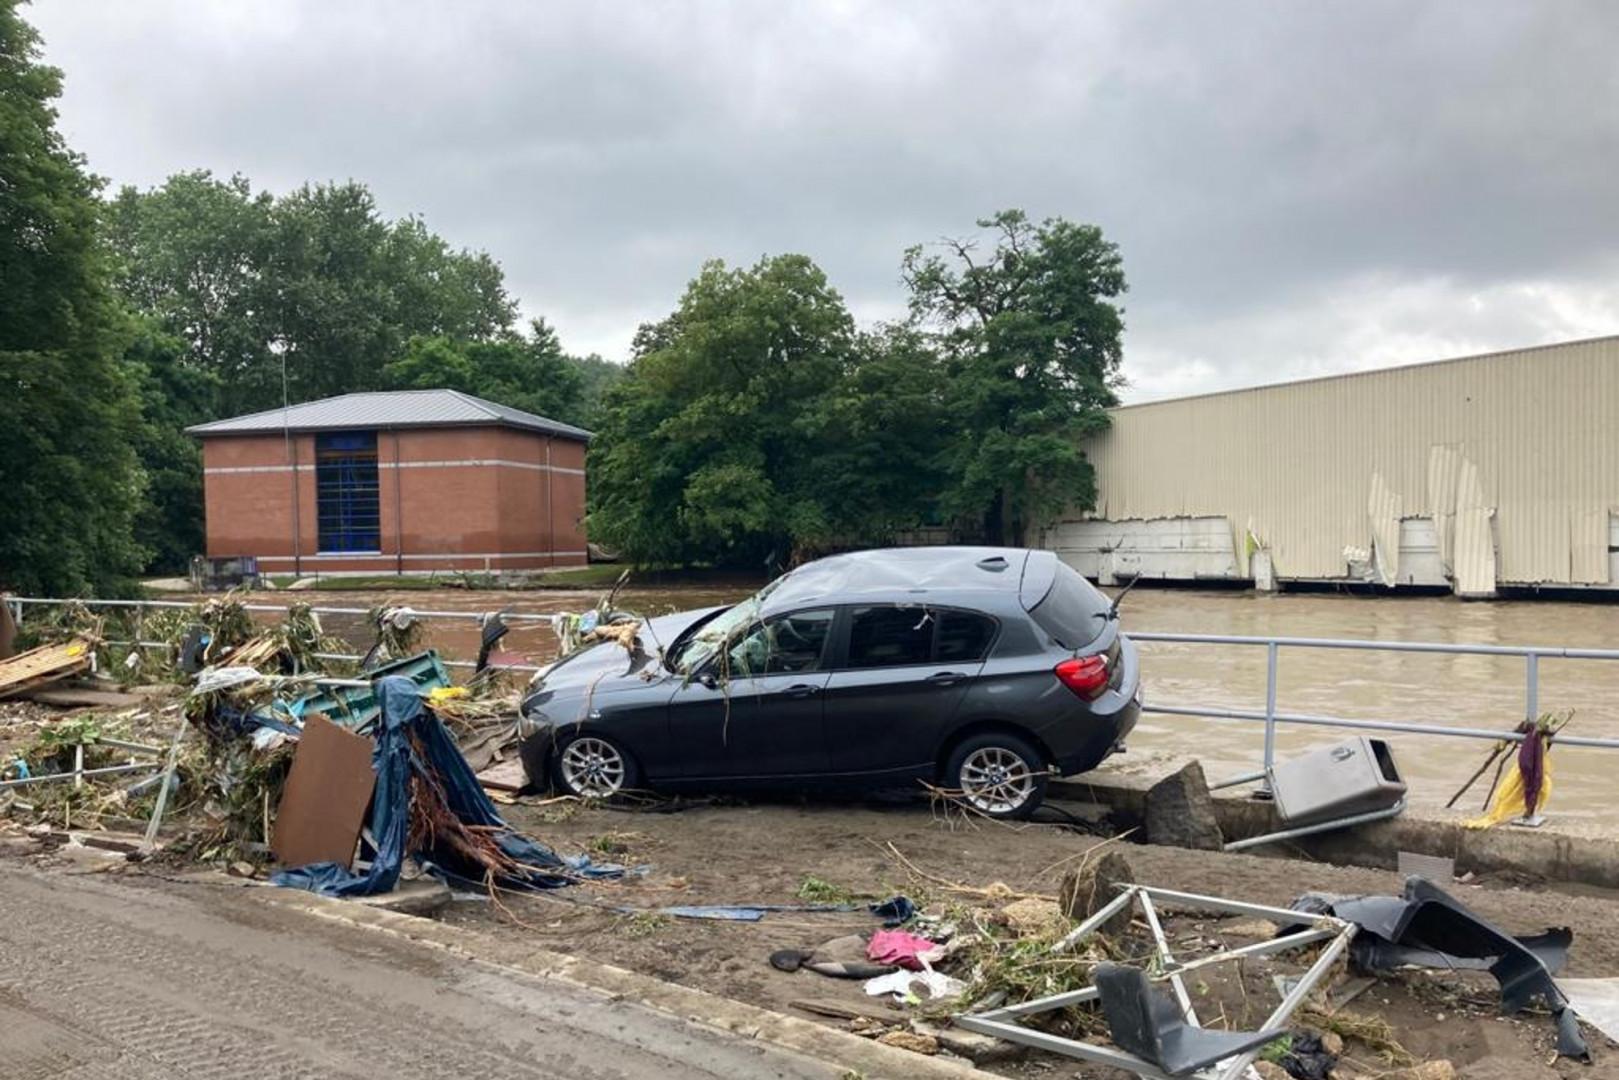 À Liège, où les inondations ont provoqué de nombreux dégâts, les eaux se retirent doucement